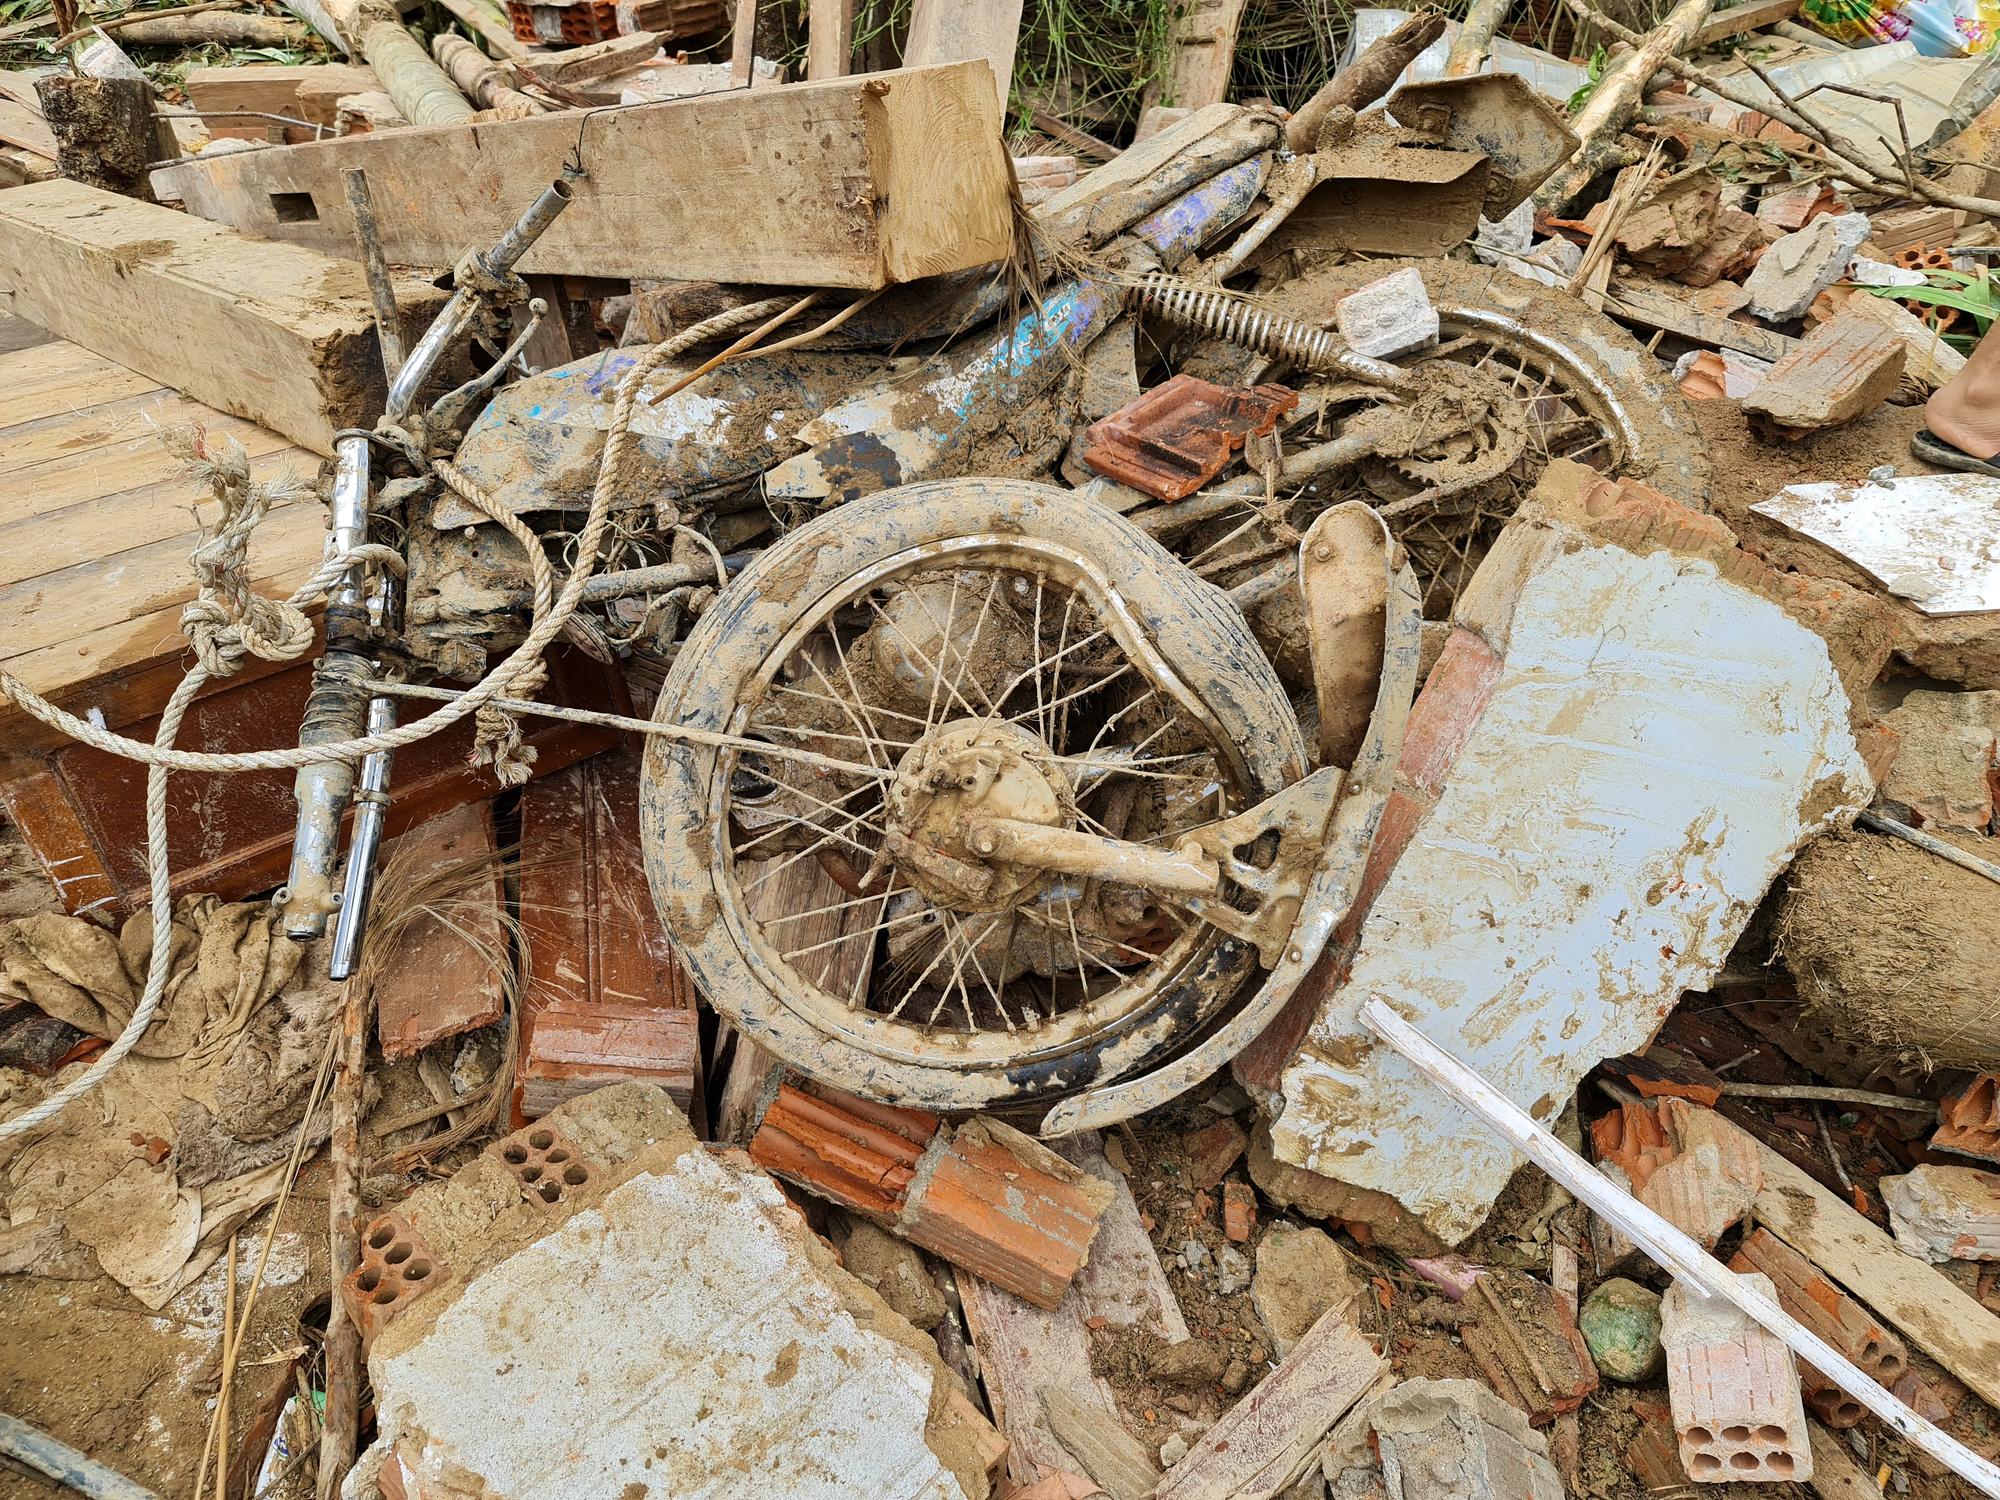 Sạt lở nghiên trọng ở Quảng Nam: Đẫm nước mắt nhìn cảnh tan nát ngôi làng Trà Leng - Ảnh 12.